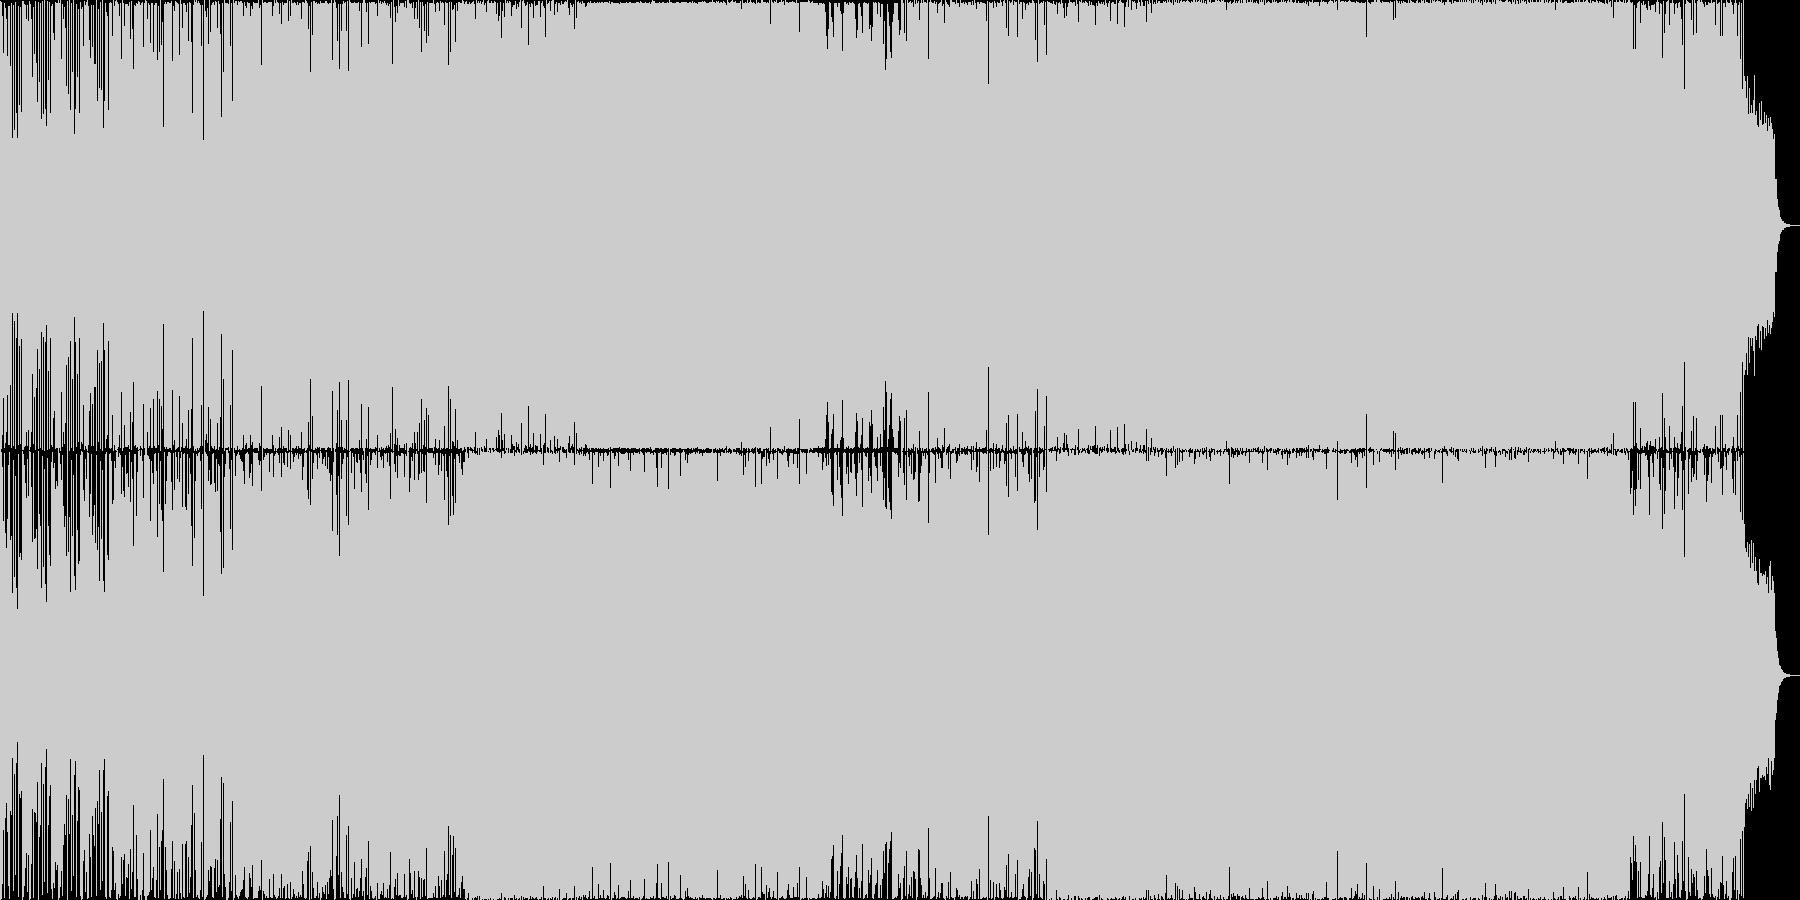 しあわせな感じのBGMの未再生の波形